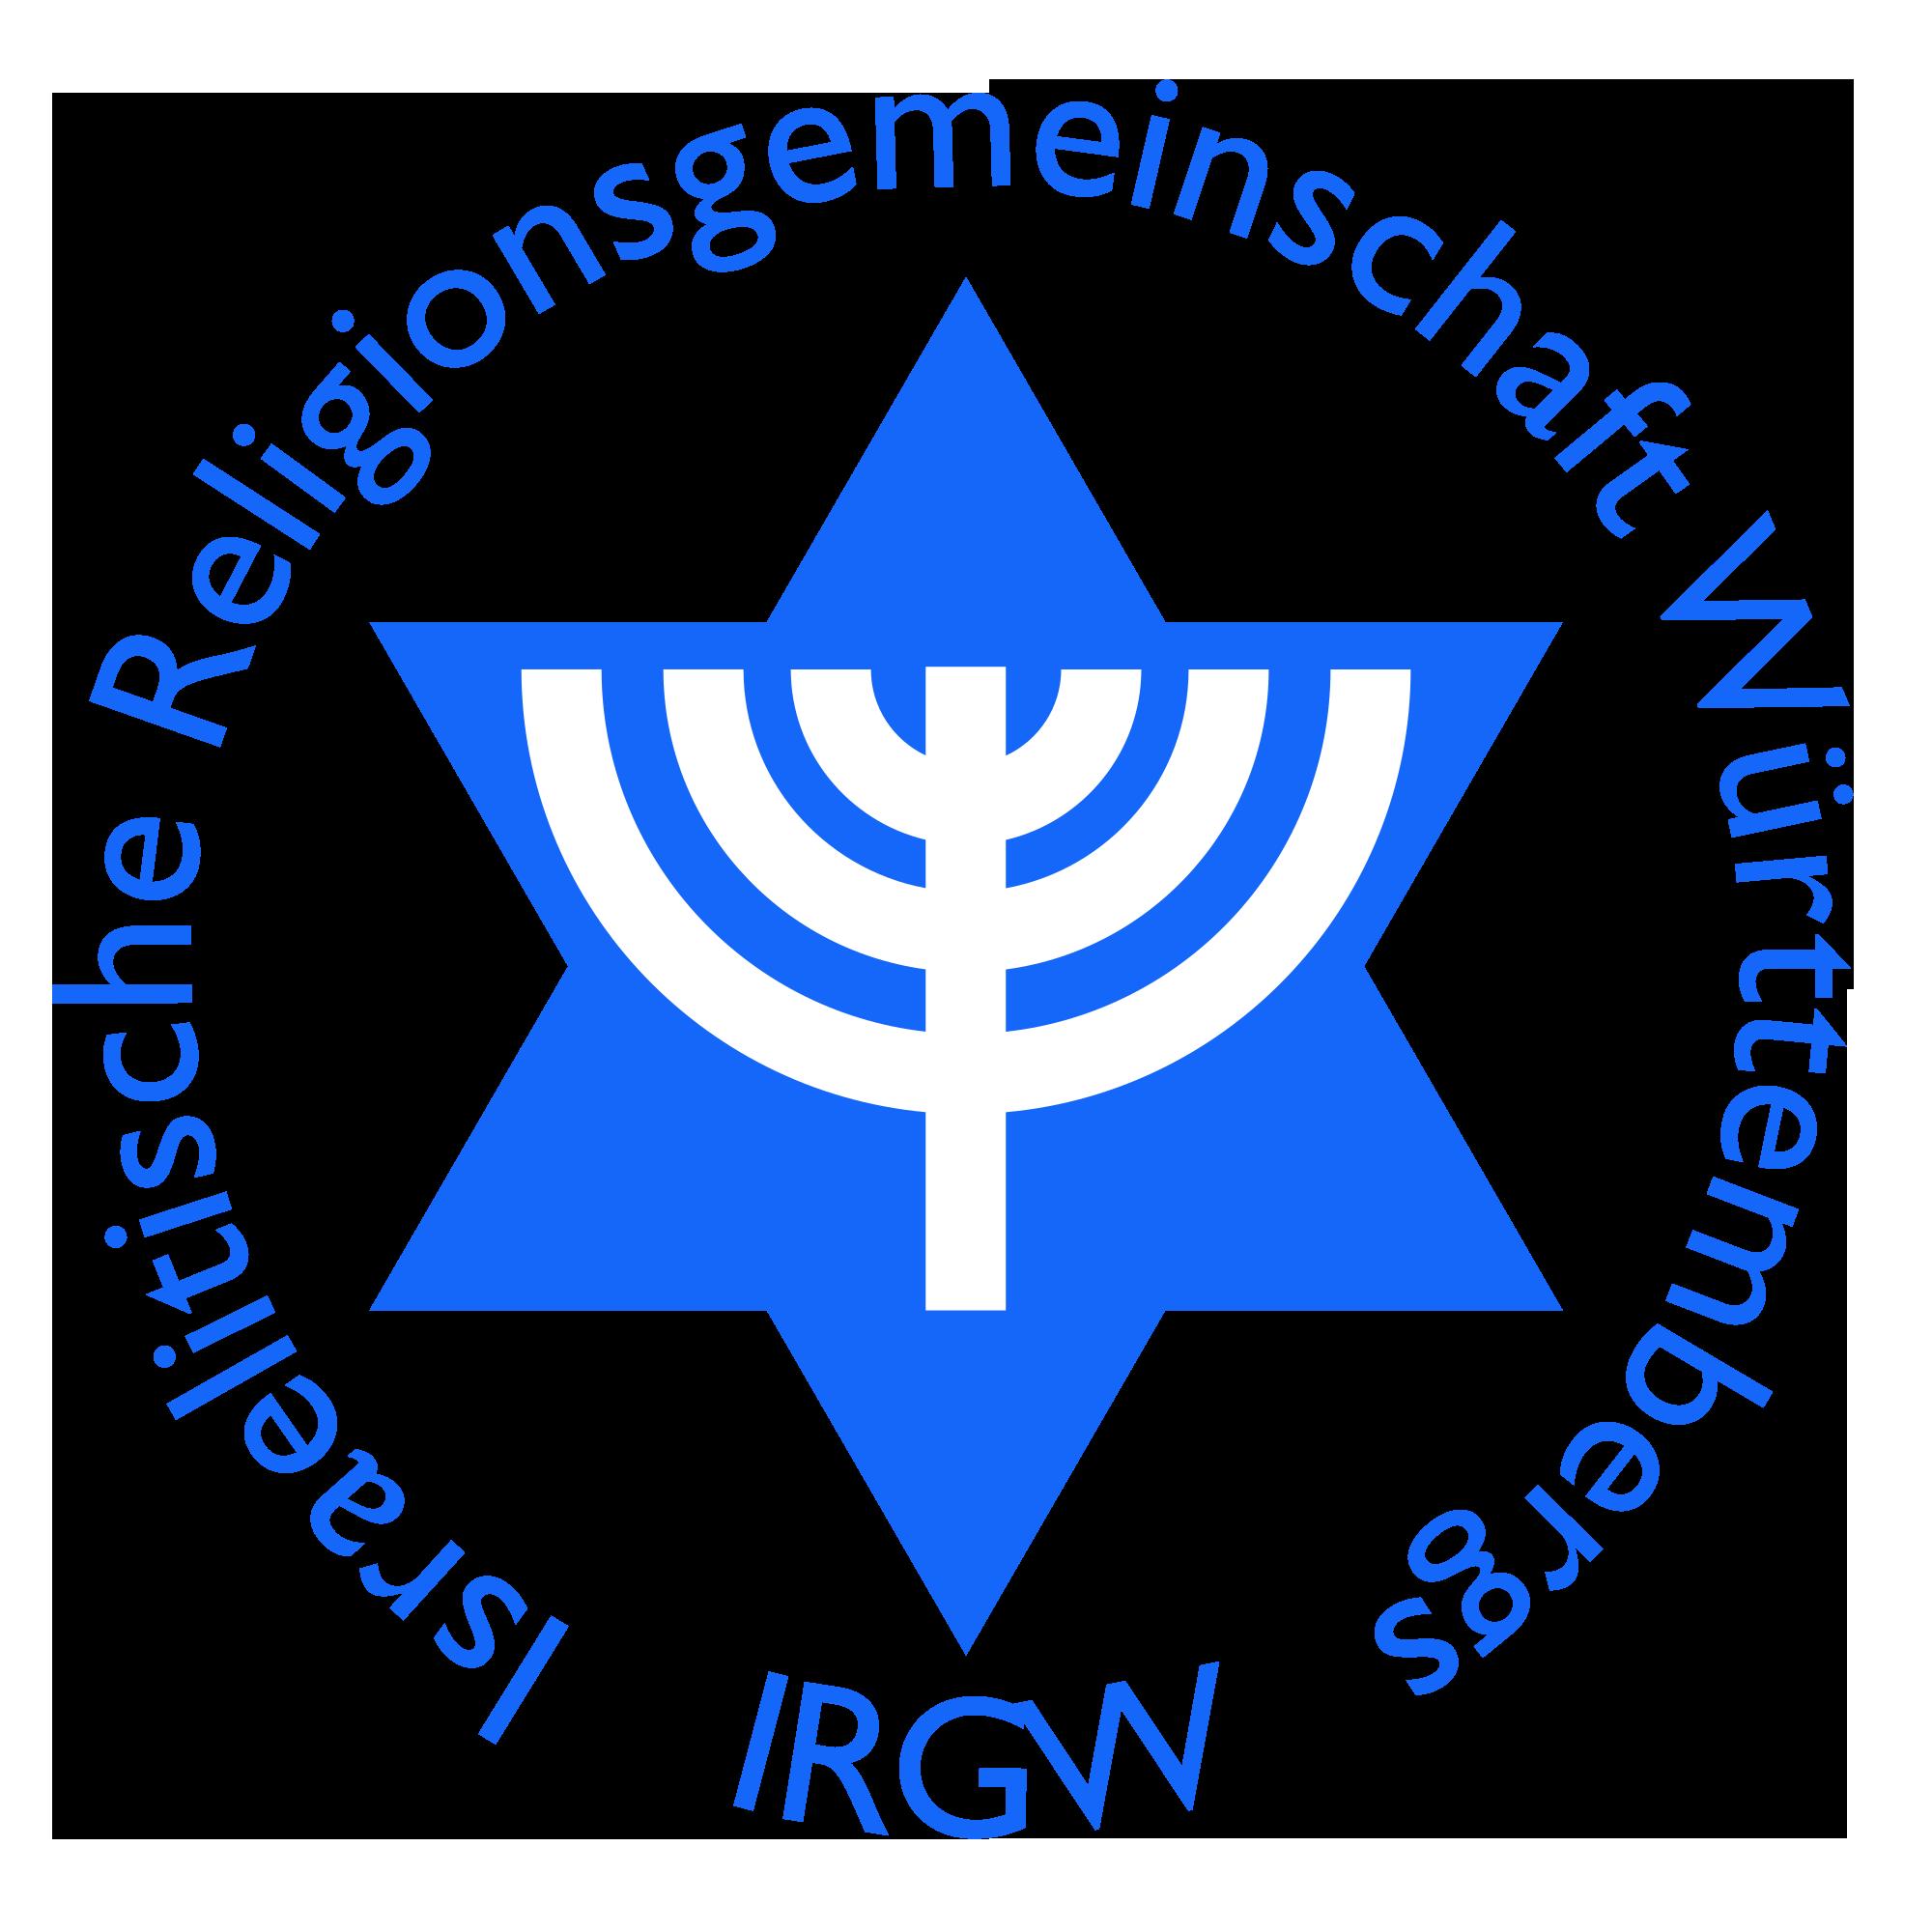 Israelitische Religionsgemeinschaft